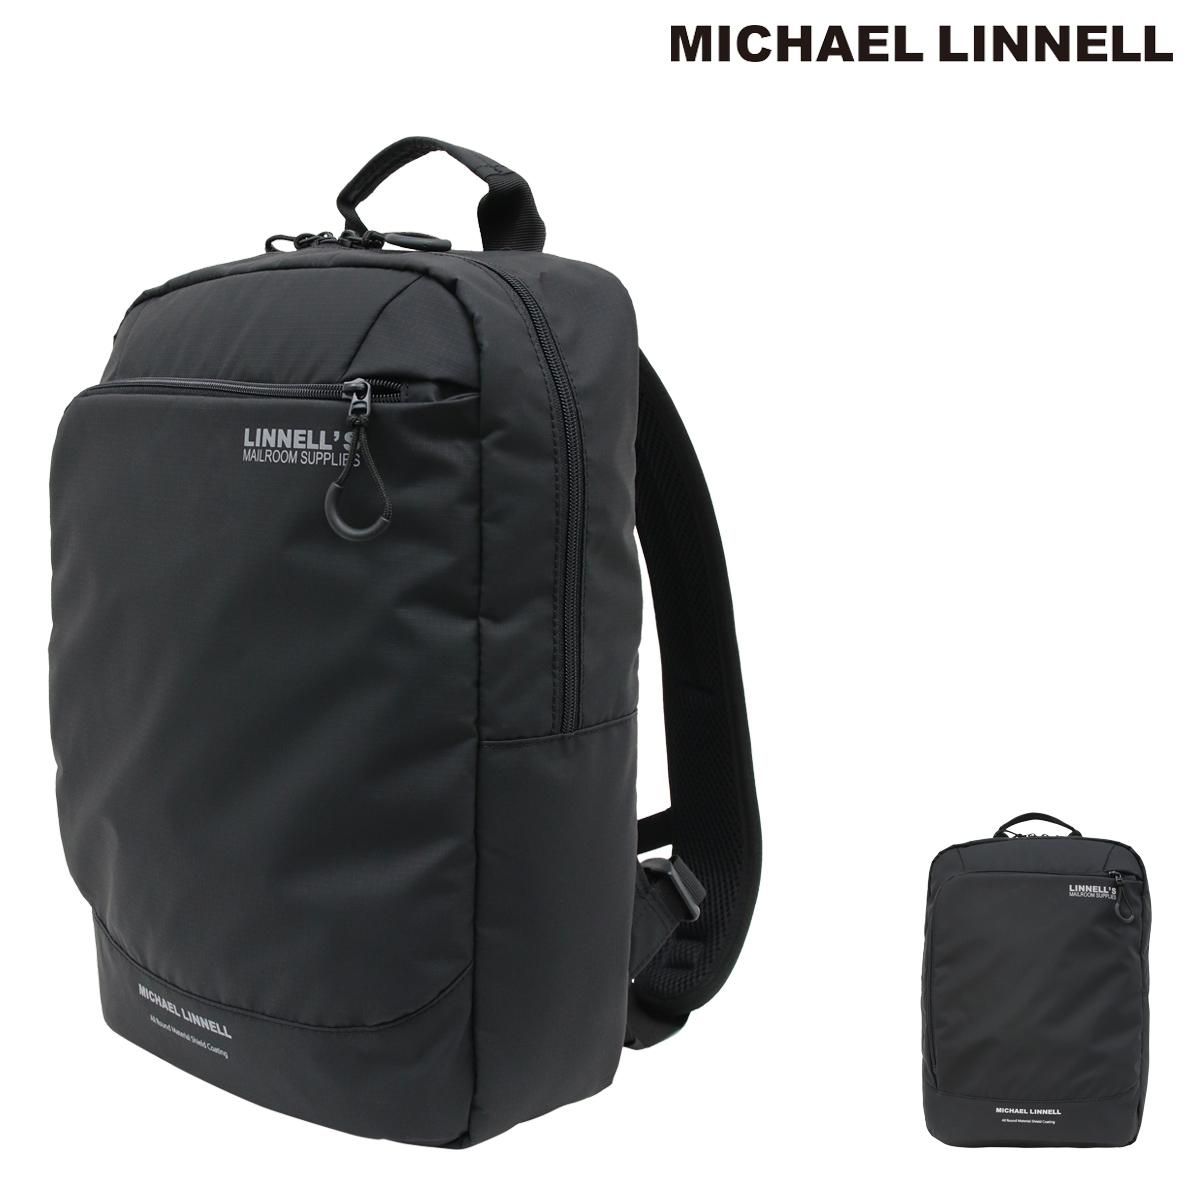 マイケルリンネル リュック 22L メンズ レディース MLAC-18 MICHAEL LINNELL